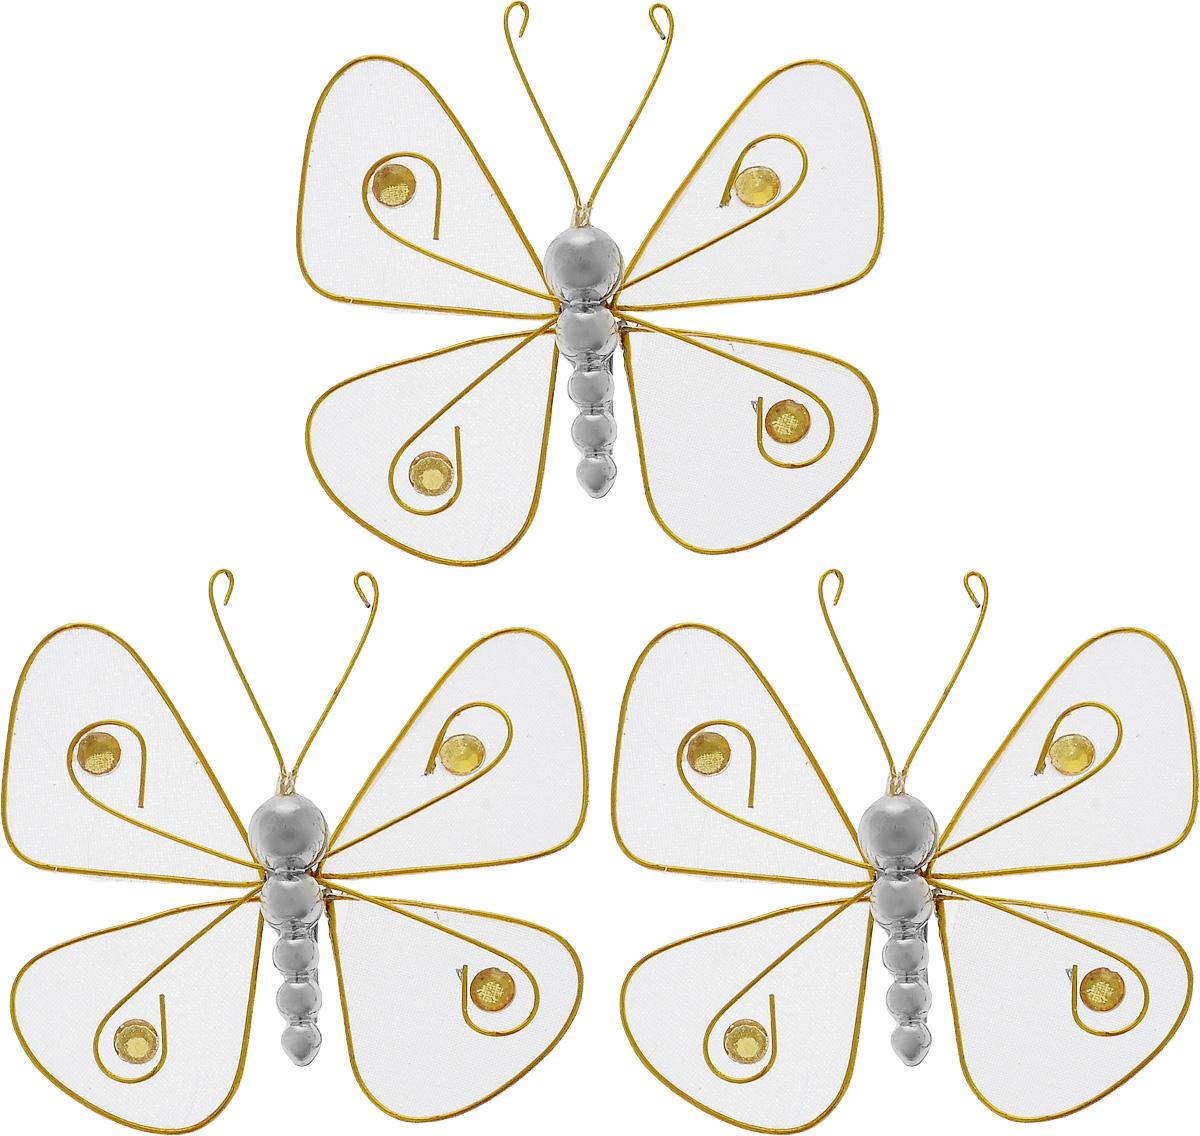 Набор новогодних подвесных украшений House & Holder Бабочки, 3 штDPA1008-3Набор подвесных украшений House & Holder Бабочки прекрасно подойдет для праздничного декора новогодней ели. Набор состоит из 3 пластиковых украшений в виде бабочек. Для удобного размещения на елке для каждого украшения предусмотрено крепление. Елочная игрушка - символ Нового года. Она несет в себе волшебство и красоту праздника. Создайте в своем доме атмосферу веселья и радости, украшая новогоднюю елку нарядными игрушками, которые будут из года в год накапливать теплоту воспоминаний. Откройте для себя удивительный мир сказок и грез. Почувствуйте волшебные минуты ожидания праздника, создайте новогоднее настроение вашим дорогим и близким.Размер: 7,5 х 7,5 х 1,5 см.